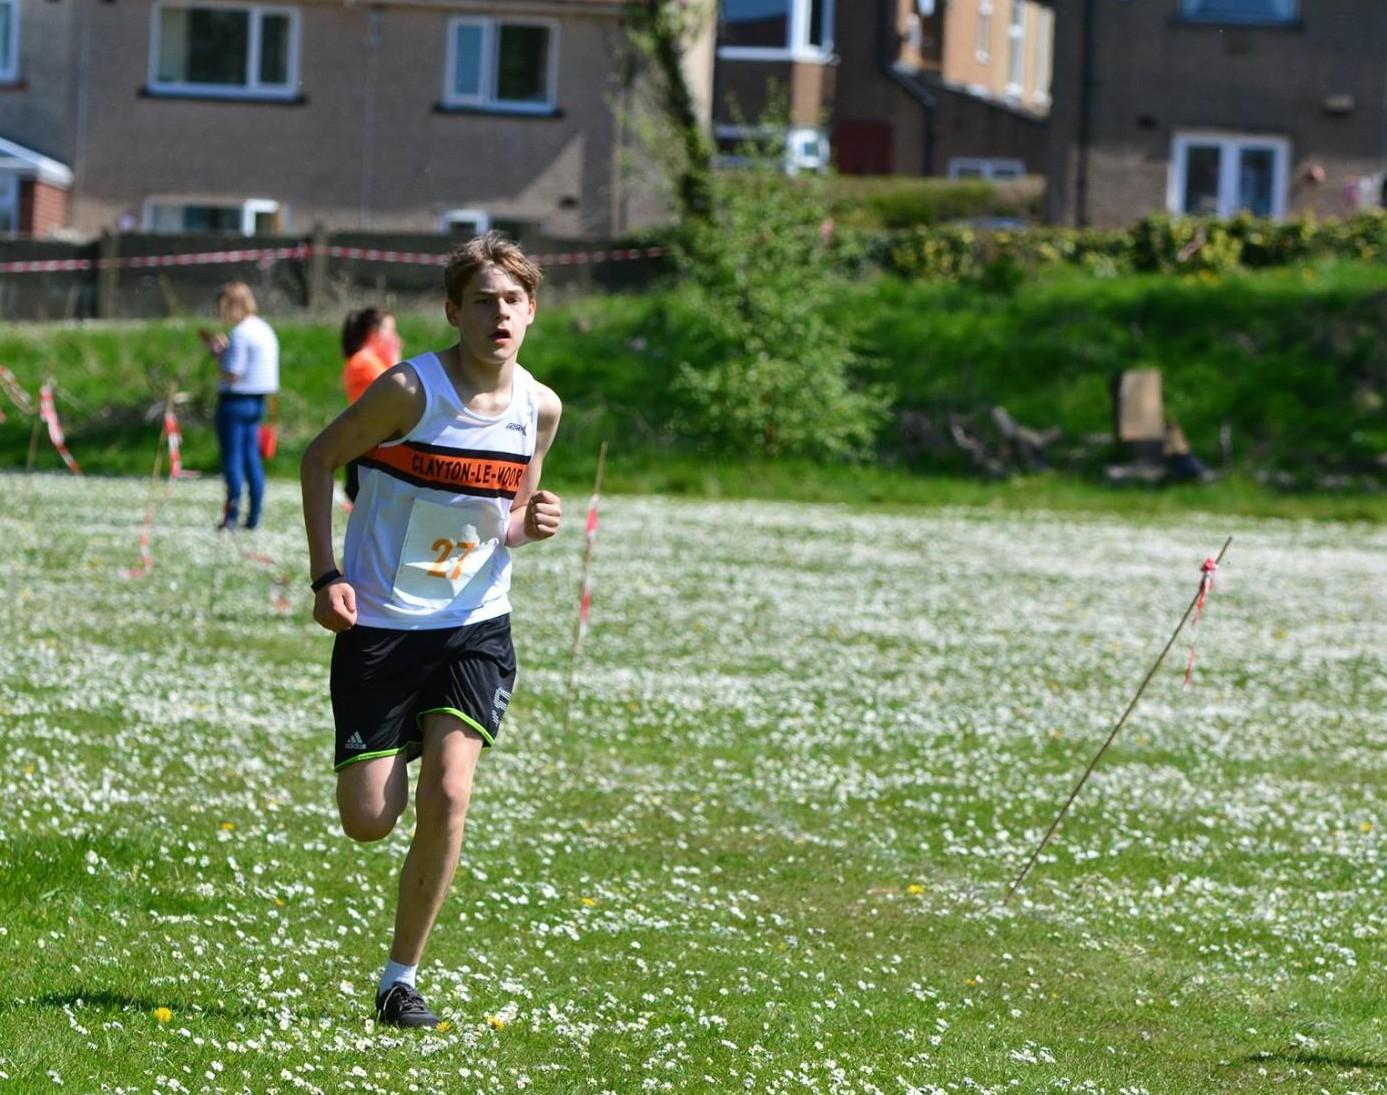 Michael Stevens in the U15 Race. Photo by David Belshaw